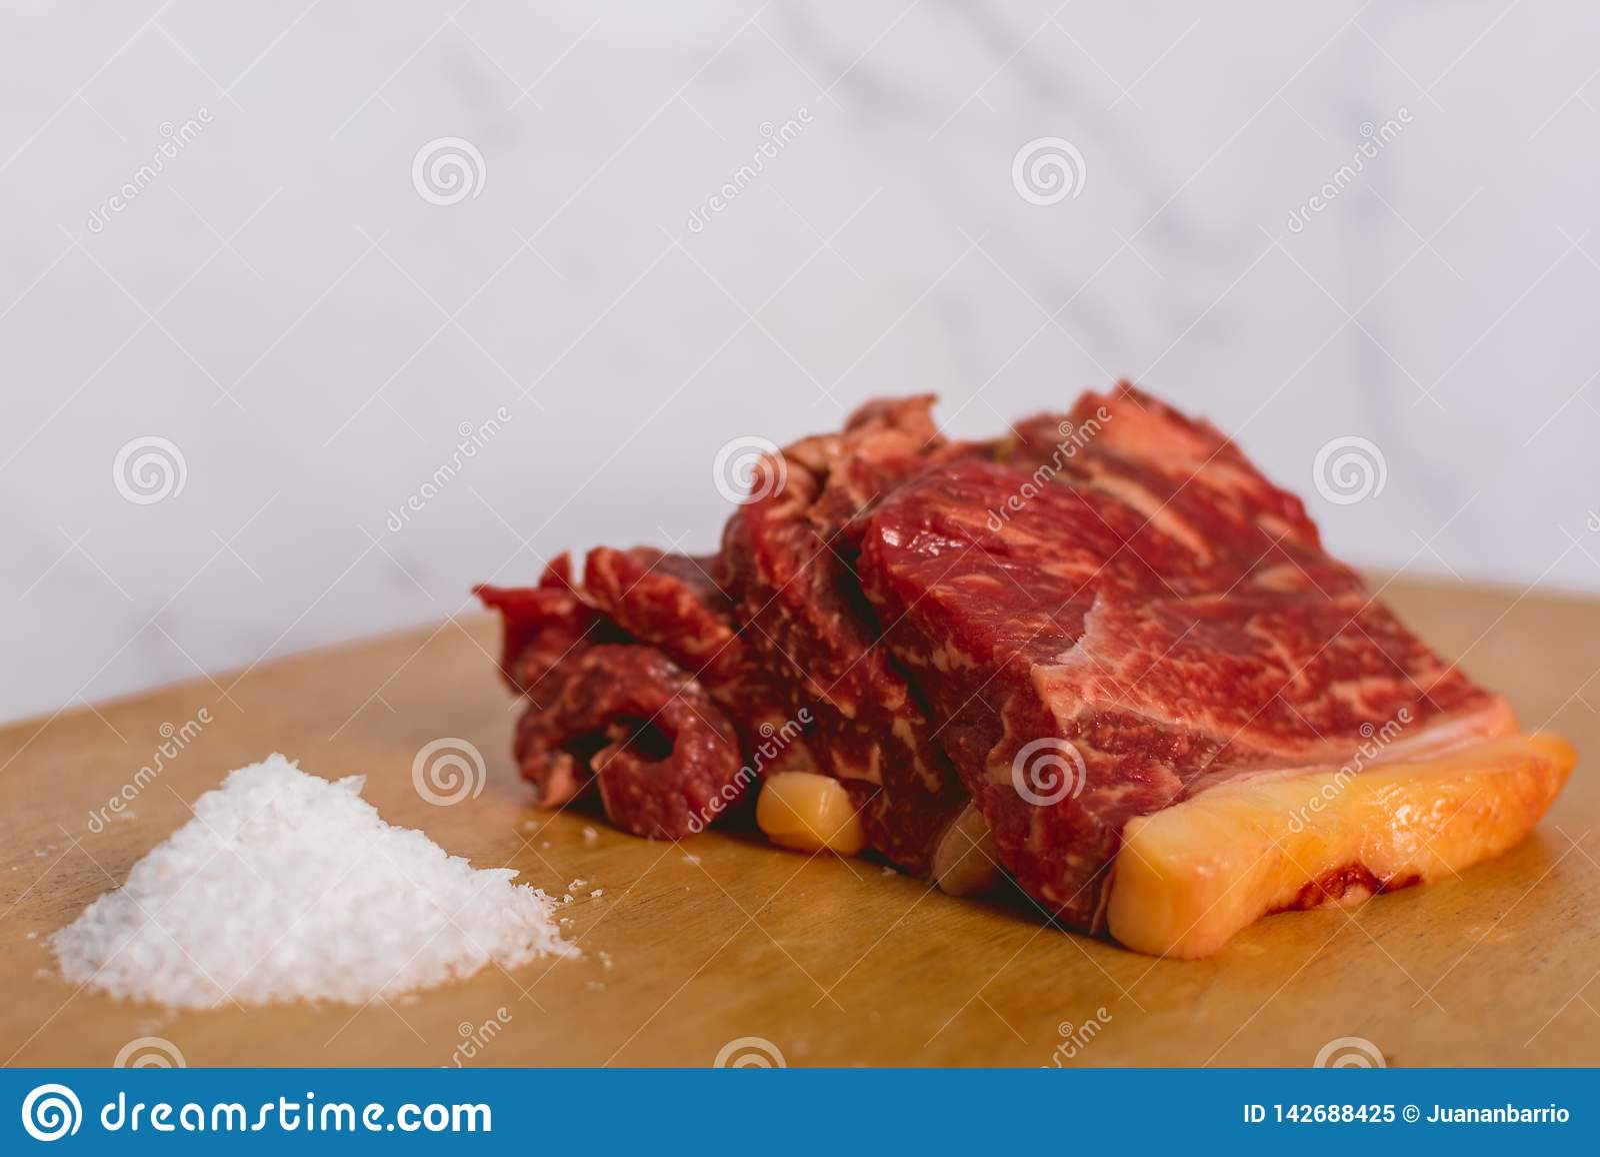 Tranches crues fraîches de bifteck de viande de boeuf sur le conseil coupé en bois au-dessus du fond blanc